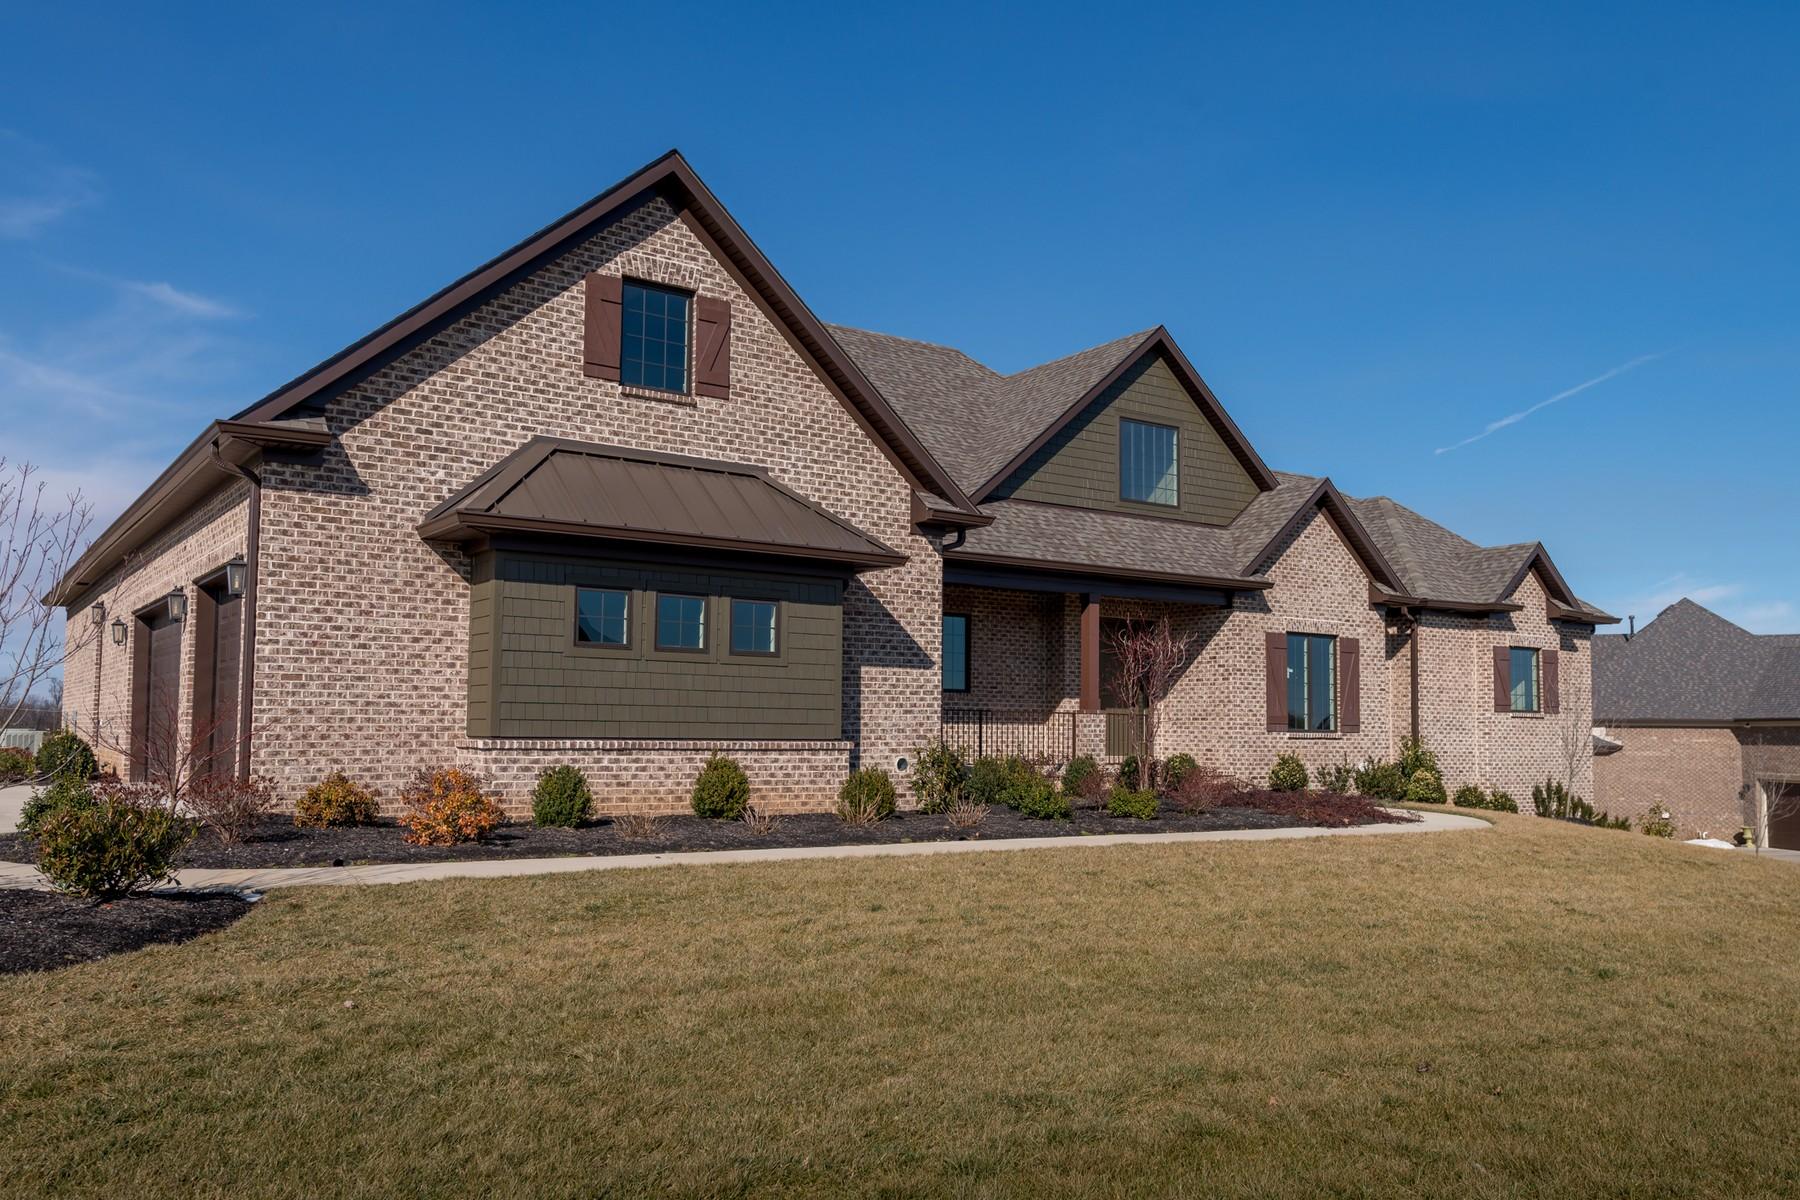 Maison unifamiliale pour l Vente à 206 Keene Manor Circle Nicholasville, Kentucky, 40356 États-Unis